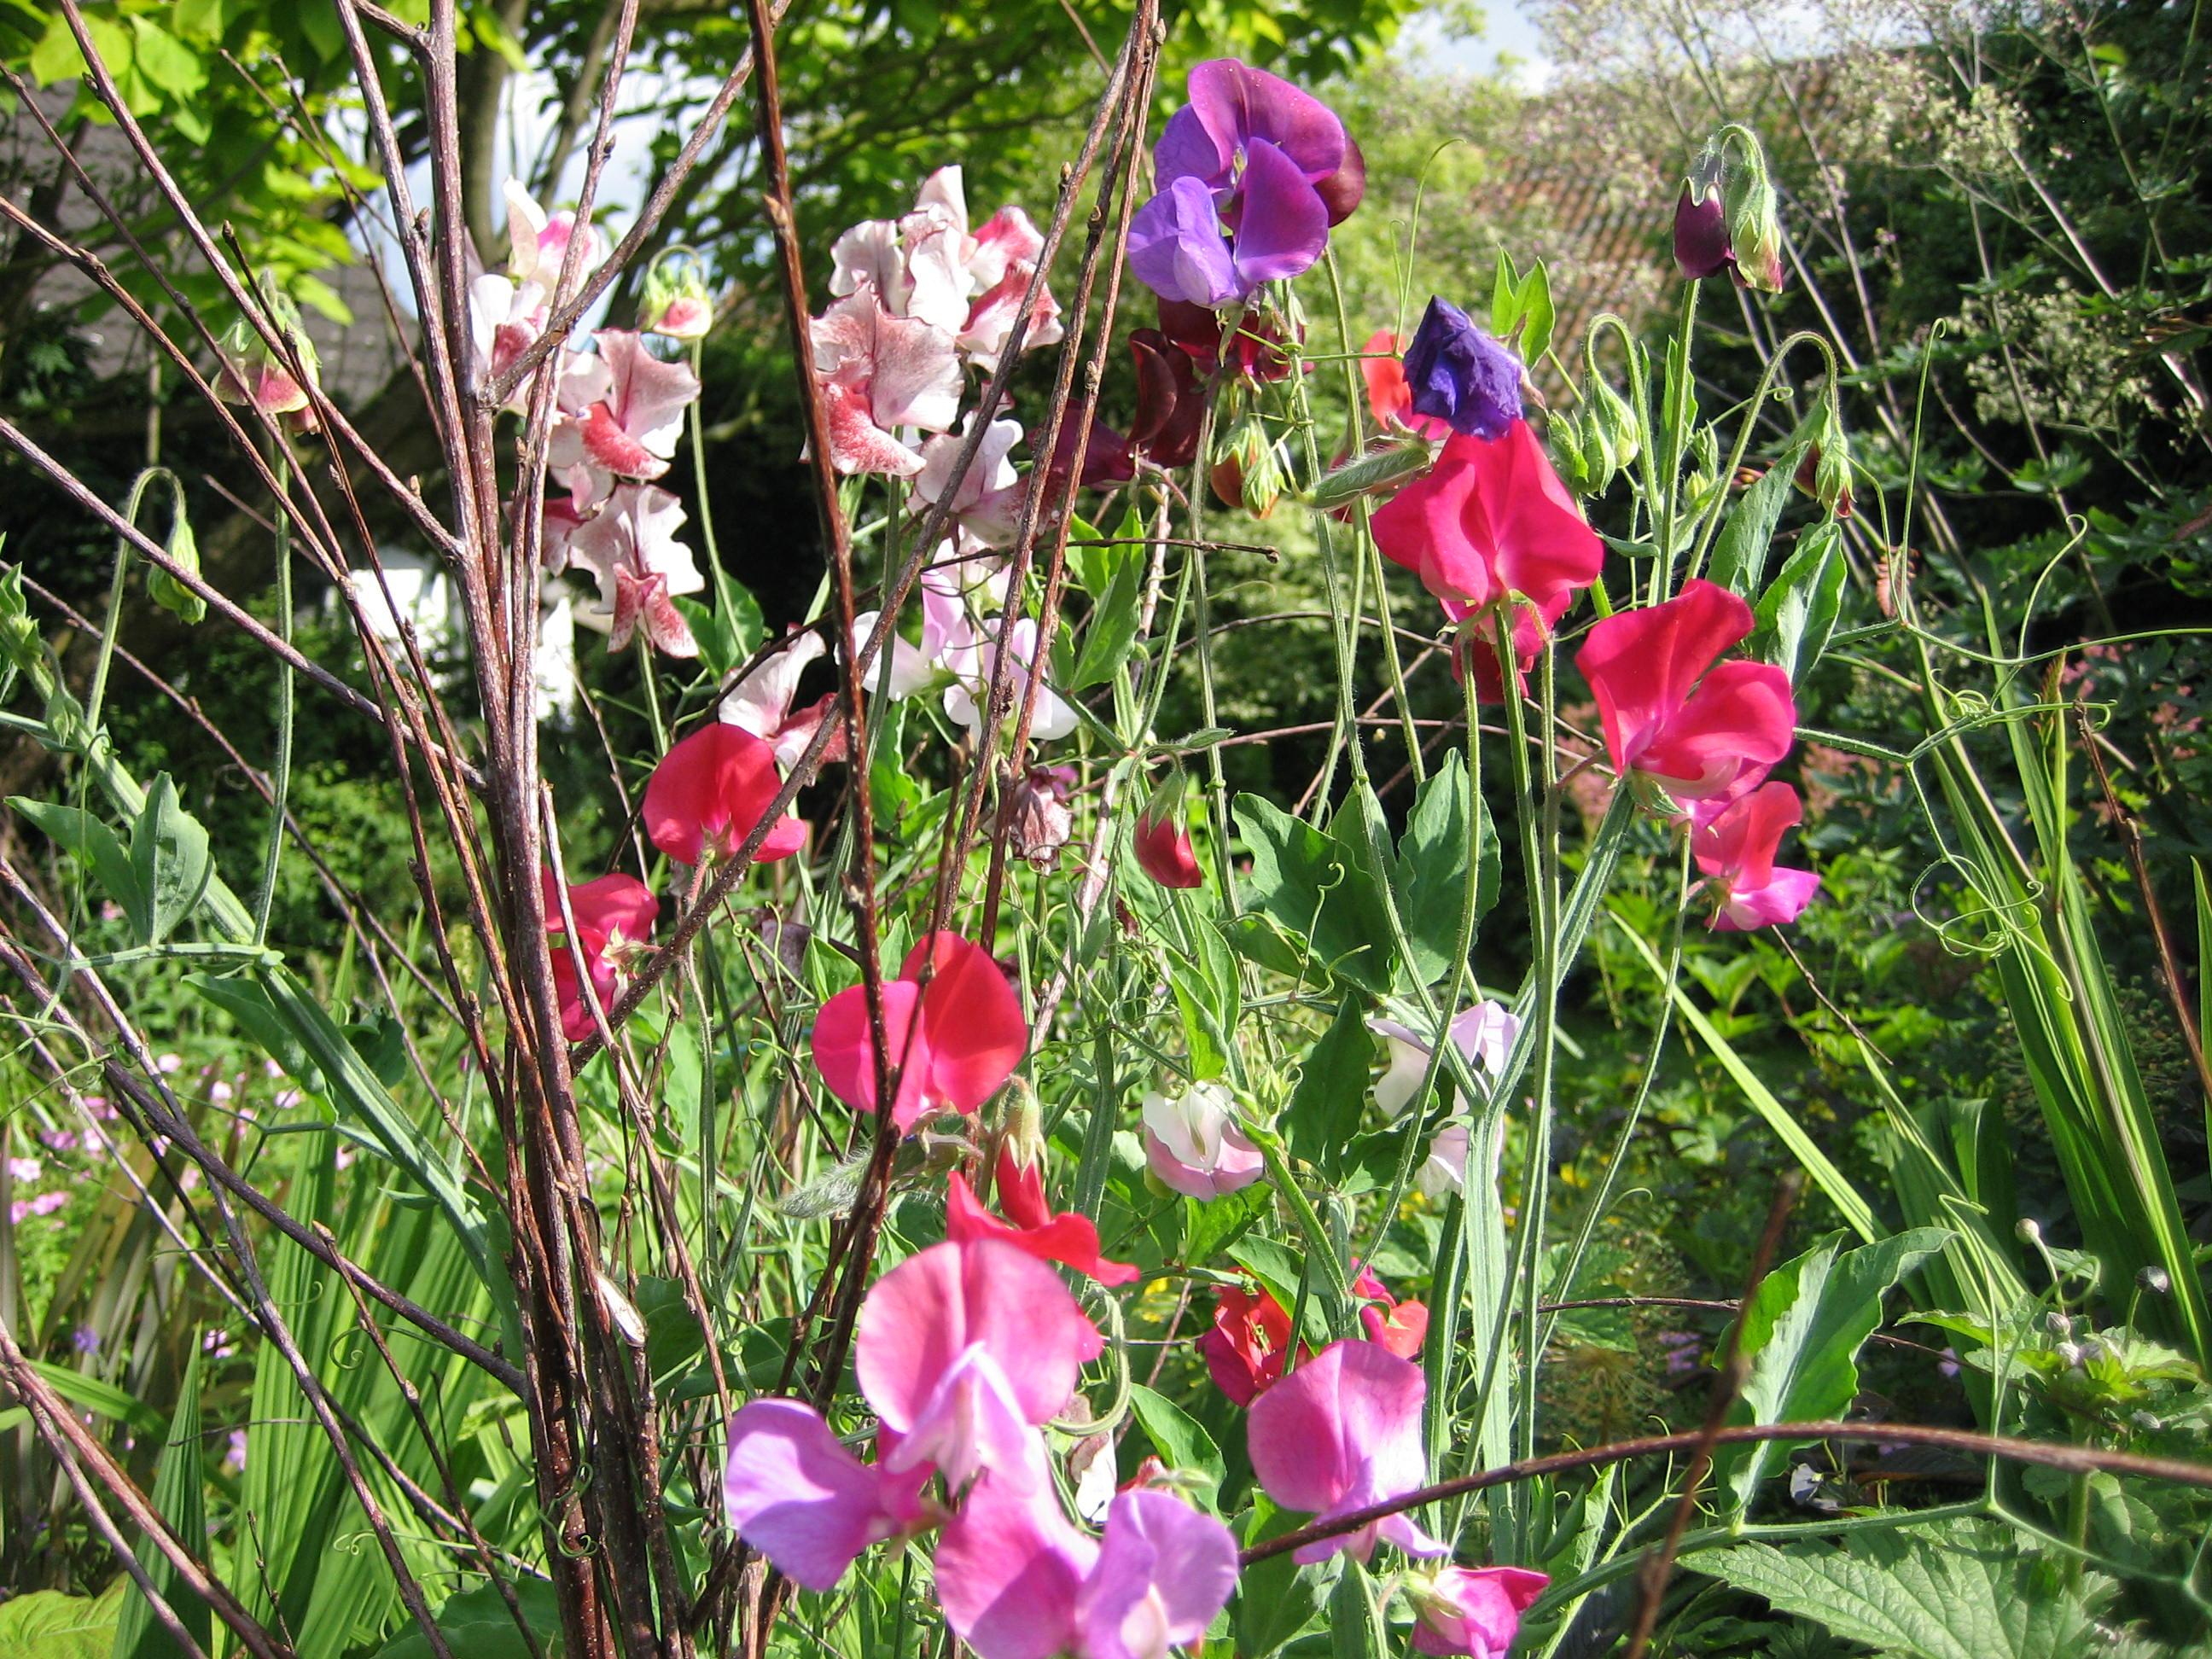 7 heerlijk geurende planten voor je terras